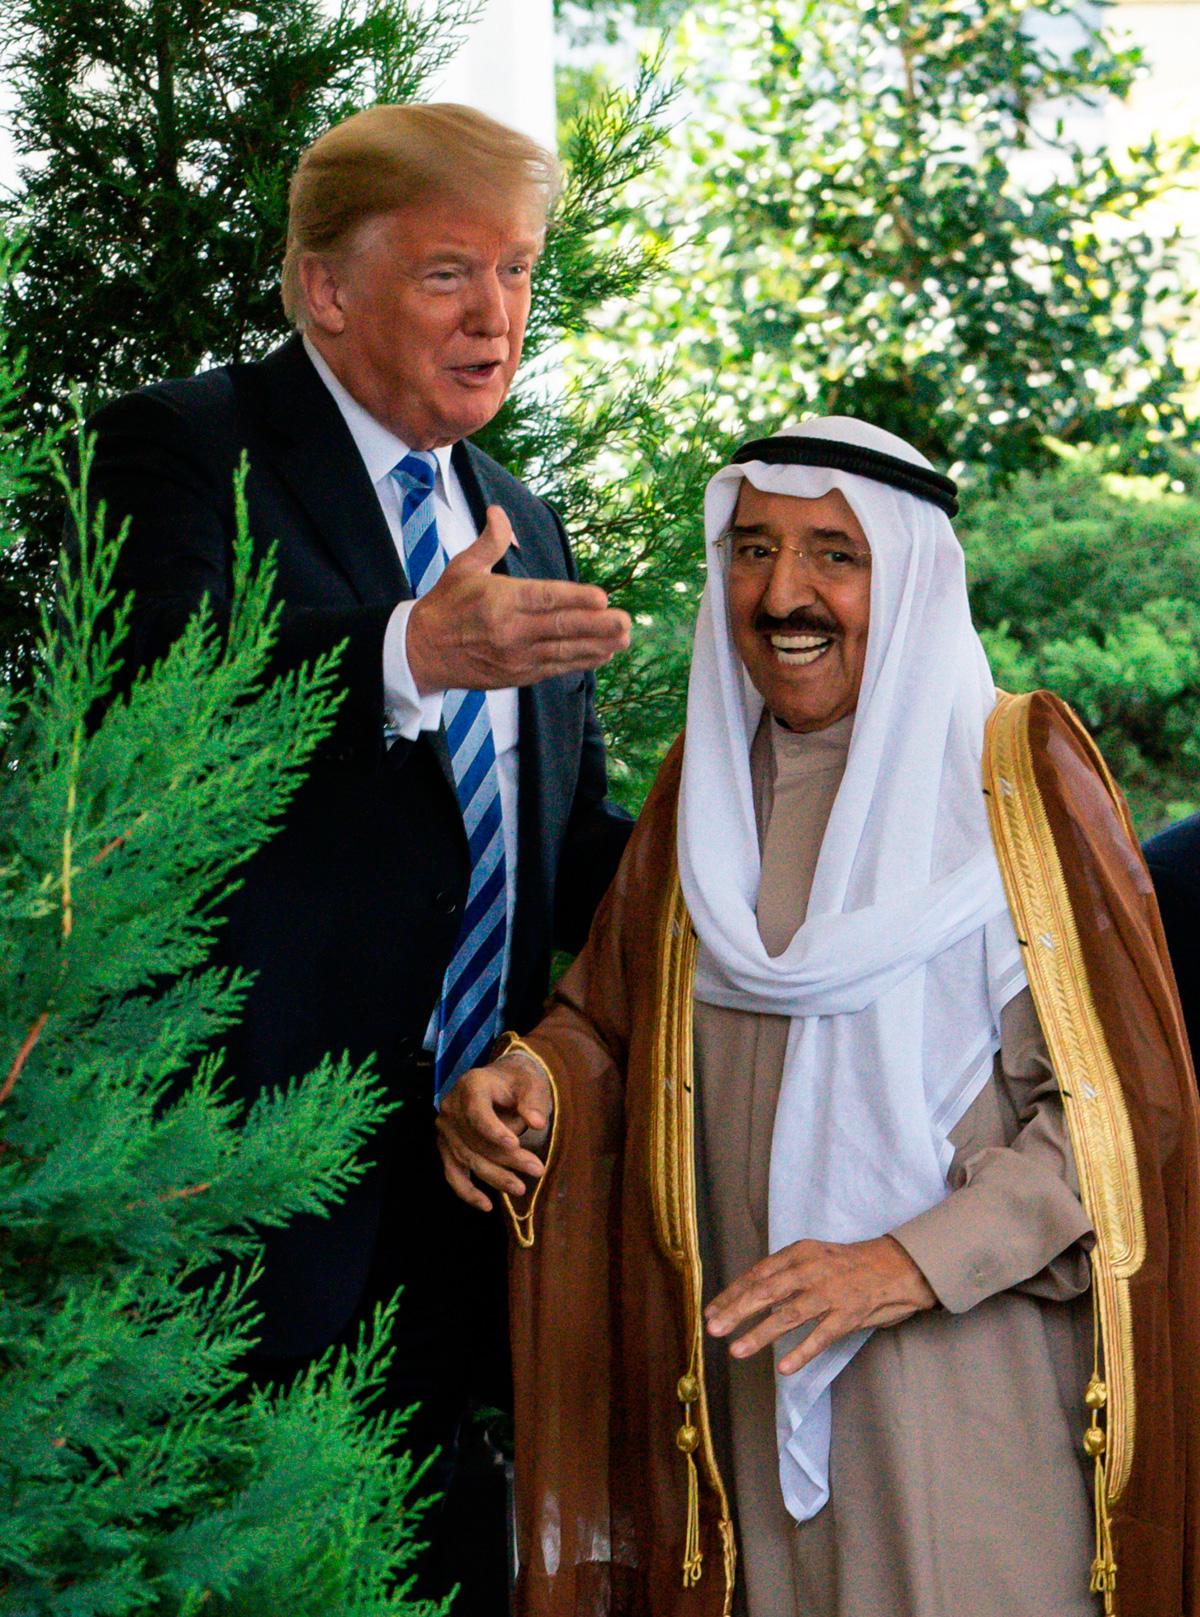 El rey Juan Carlos despide a un gran amigo: muere el emir de Kuwait